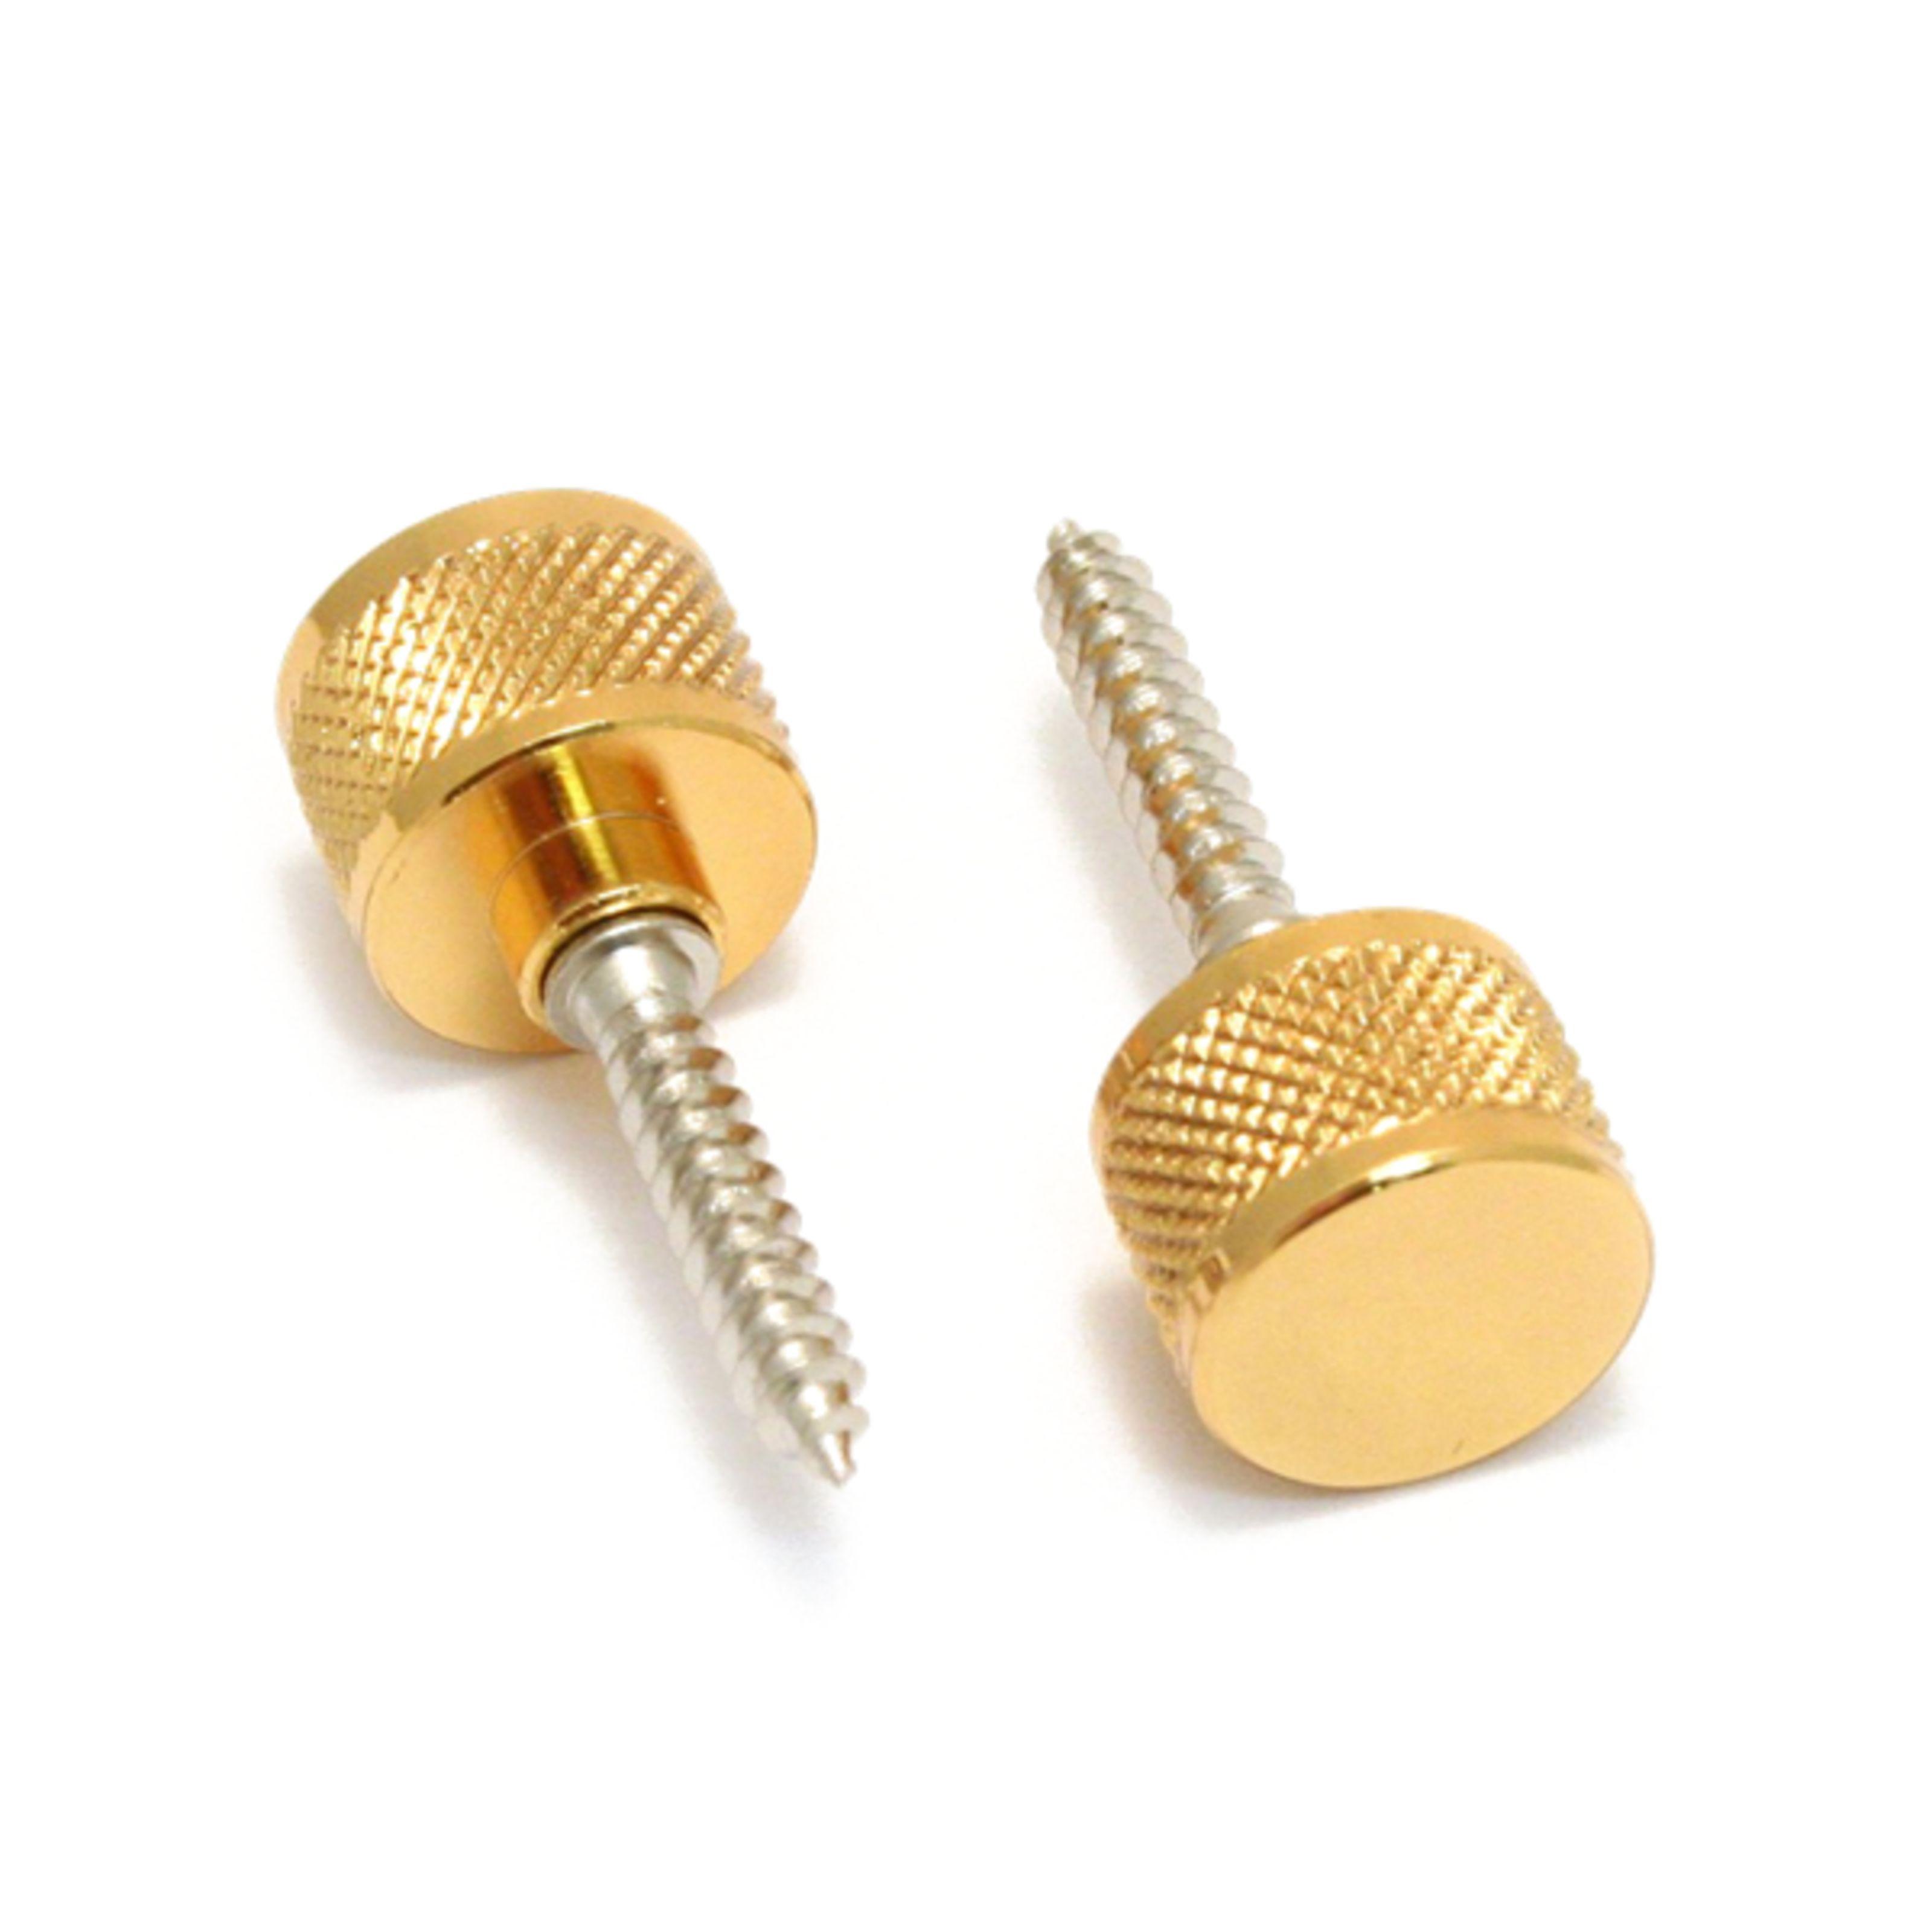 Gretsch - Gurtknopf inkl. Schraube Gold, 2 Stück 9221029000